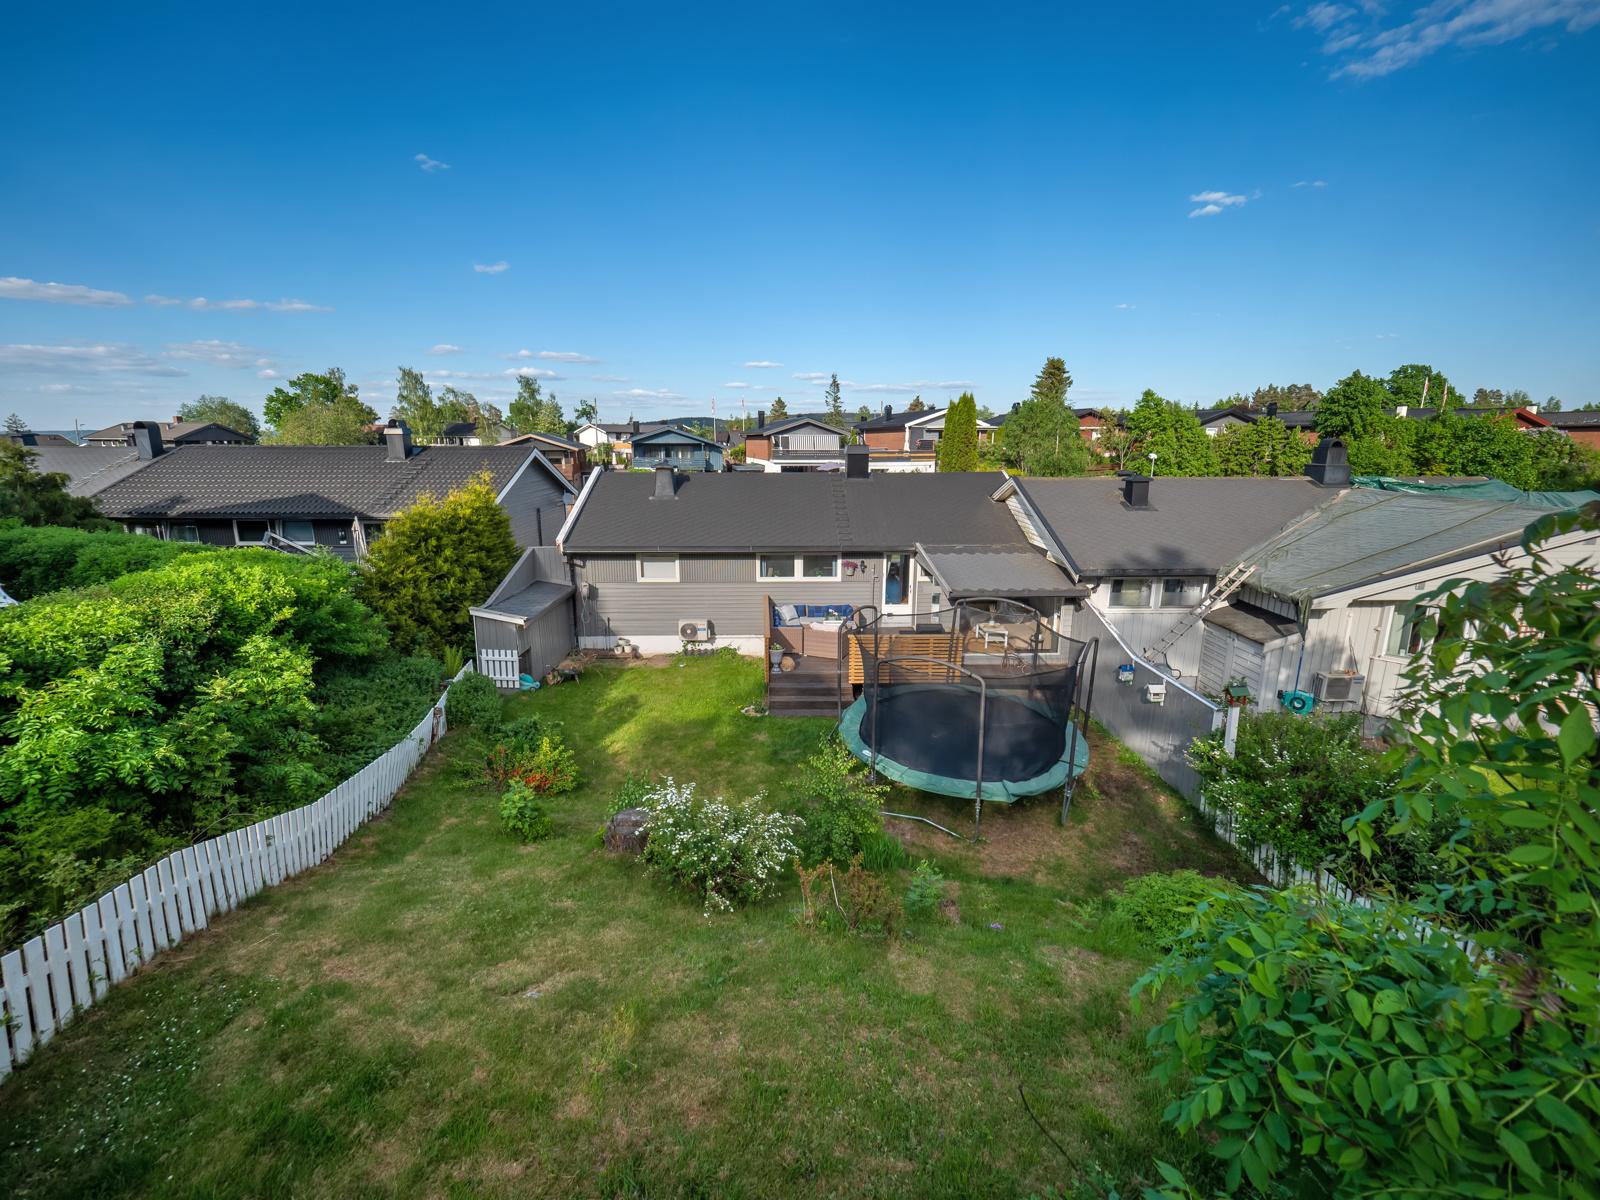 Hyggelig terrasse og hage med gressplen og diverse beplantning